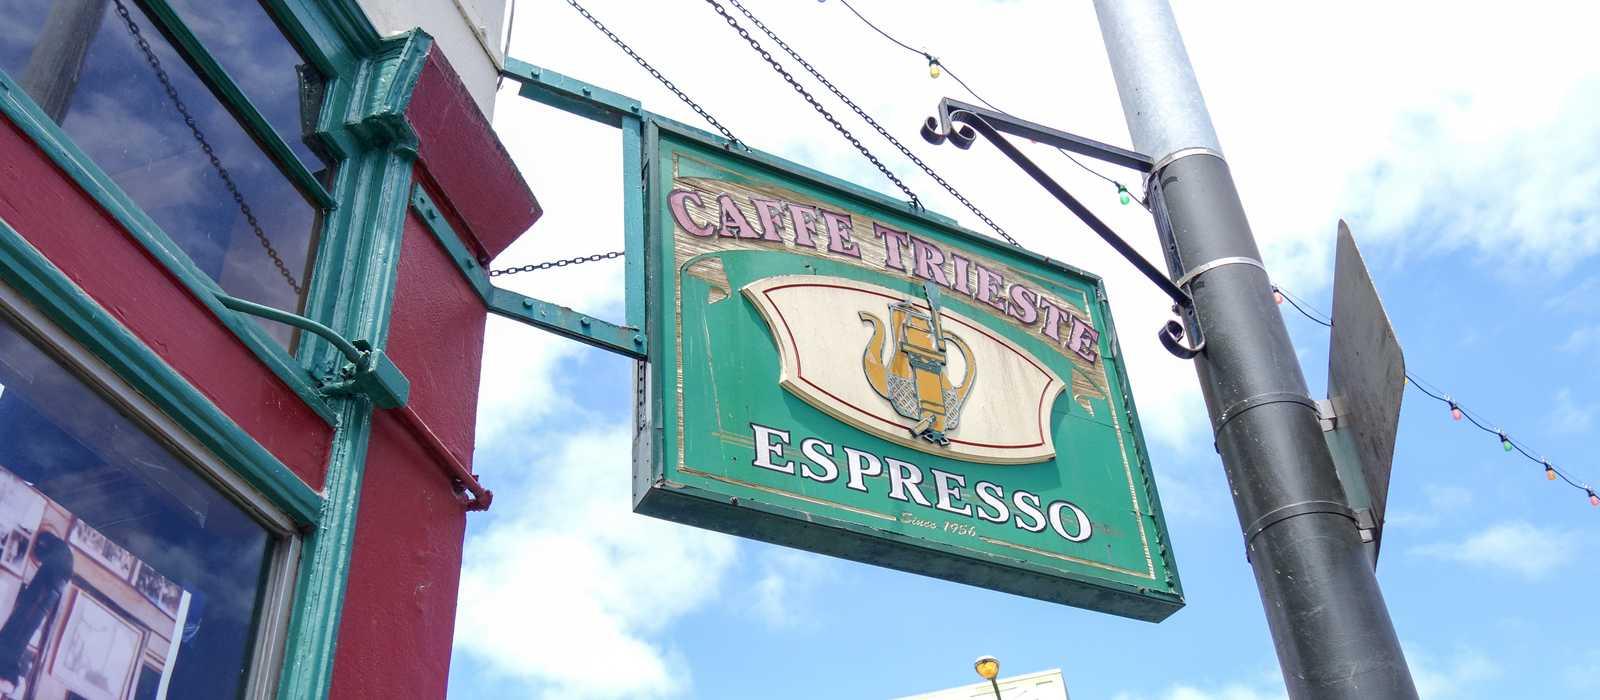 Caffe Triste